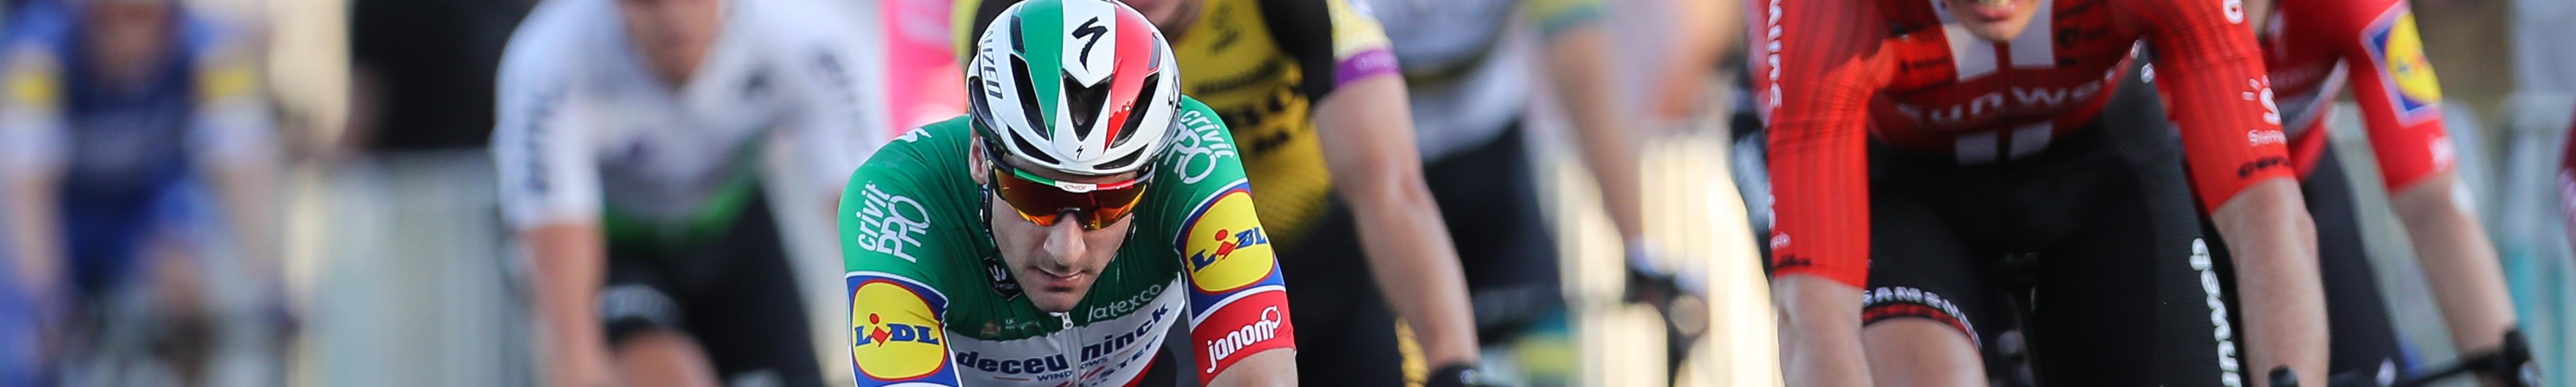 Giro d'Italia 2019, tappa 2: scatta l'ora di Viviani?